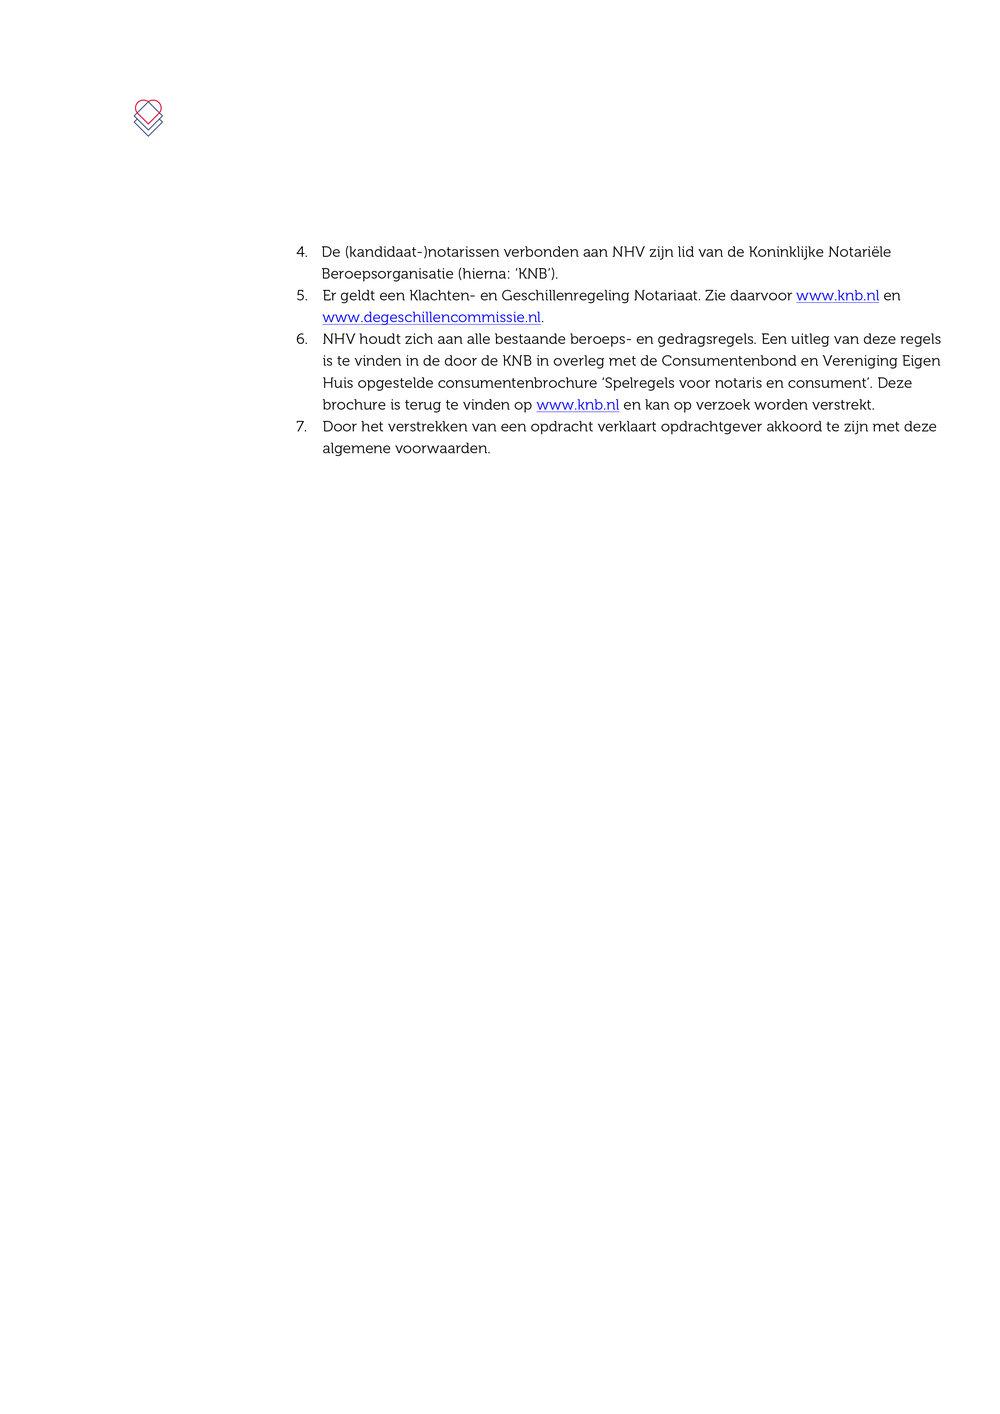 Algemene-voorwaarden-NHV-5.jpg